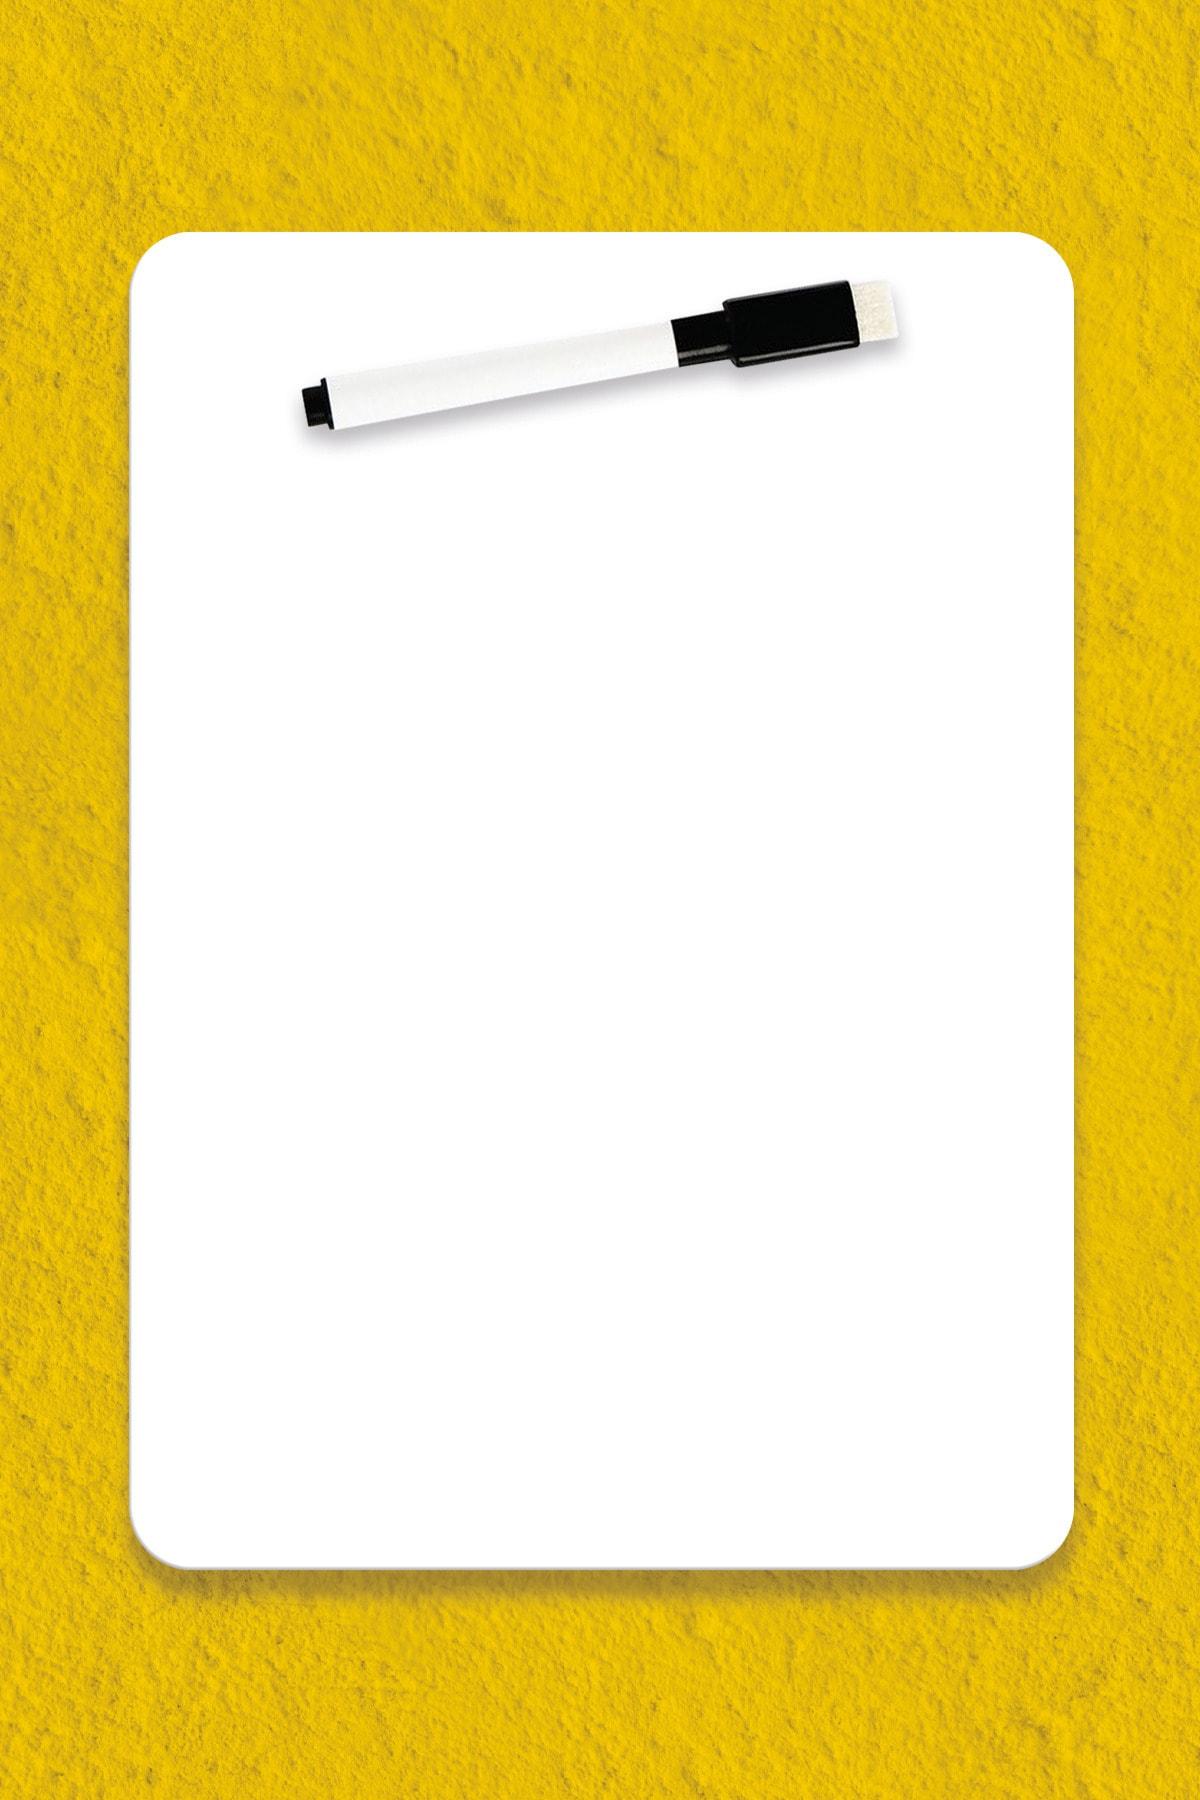 WALLMAGE ® Easyboard Kararmaz Beyaz Yazı Tahtası - A3 29.7 cm X 42 cm 1